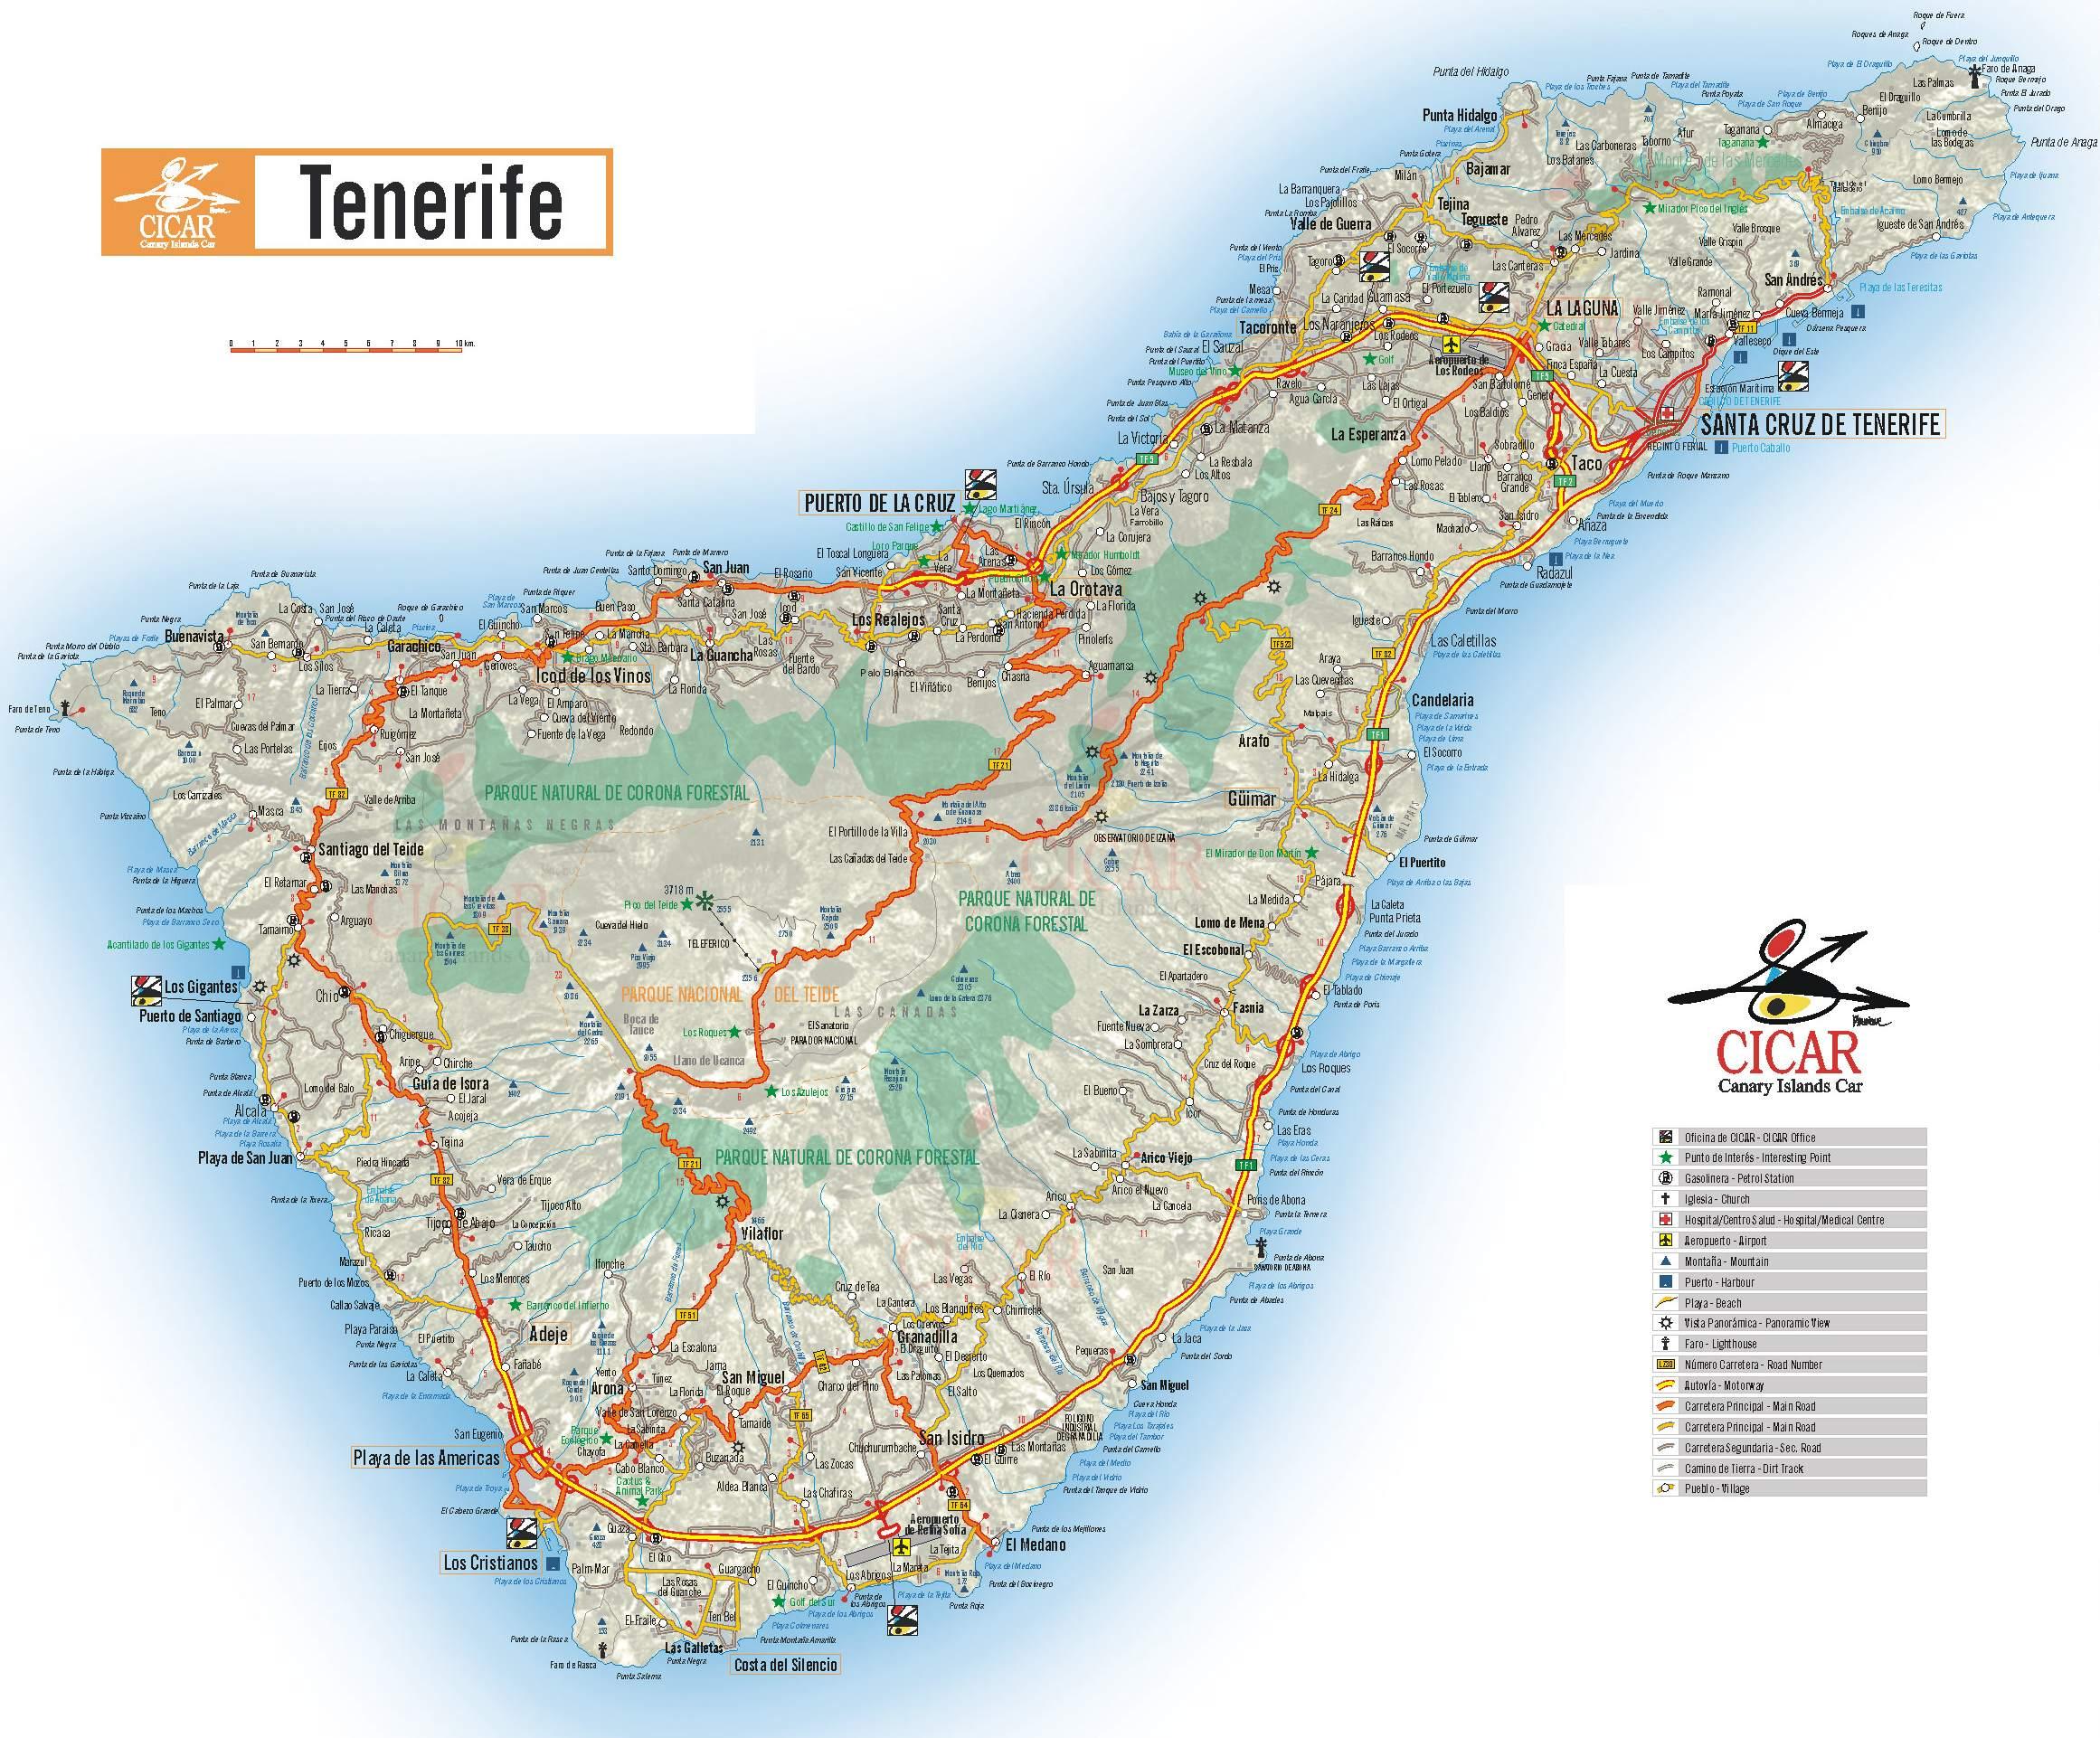 Karte Teneriffa Grosse Detaillierte Teneriffa Karte